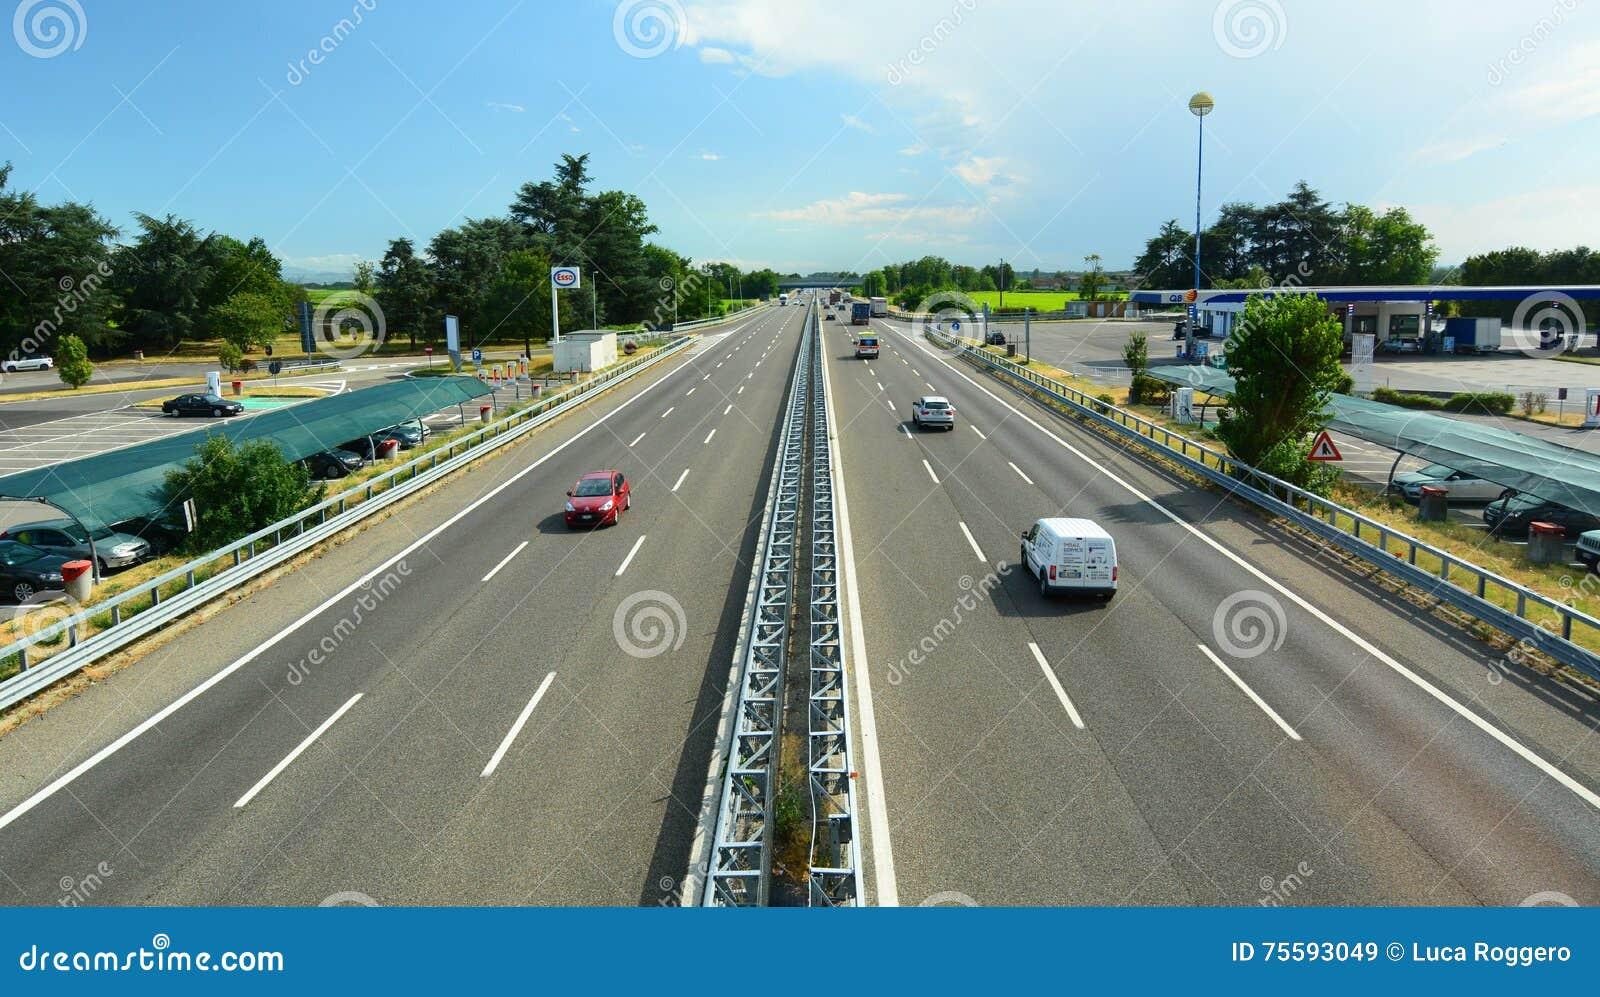 A7 motorway Milan Genoa Sikt från autogrill Dorno italy